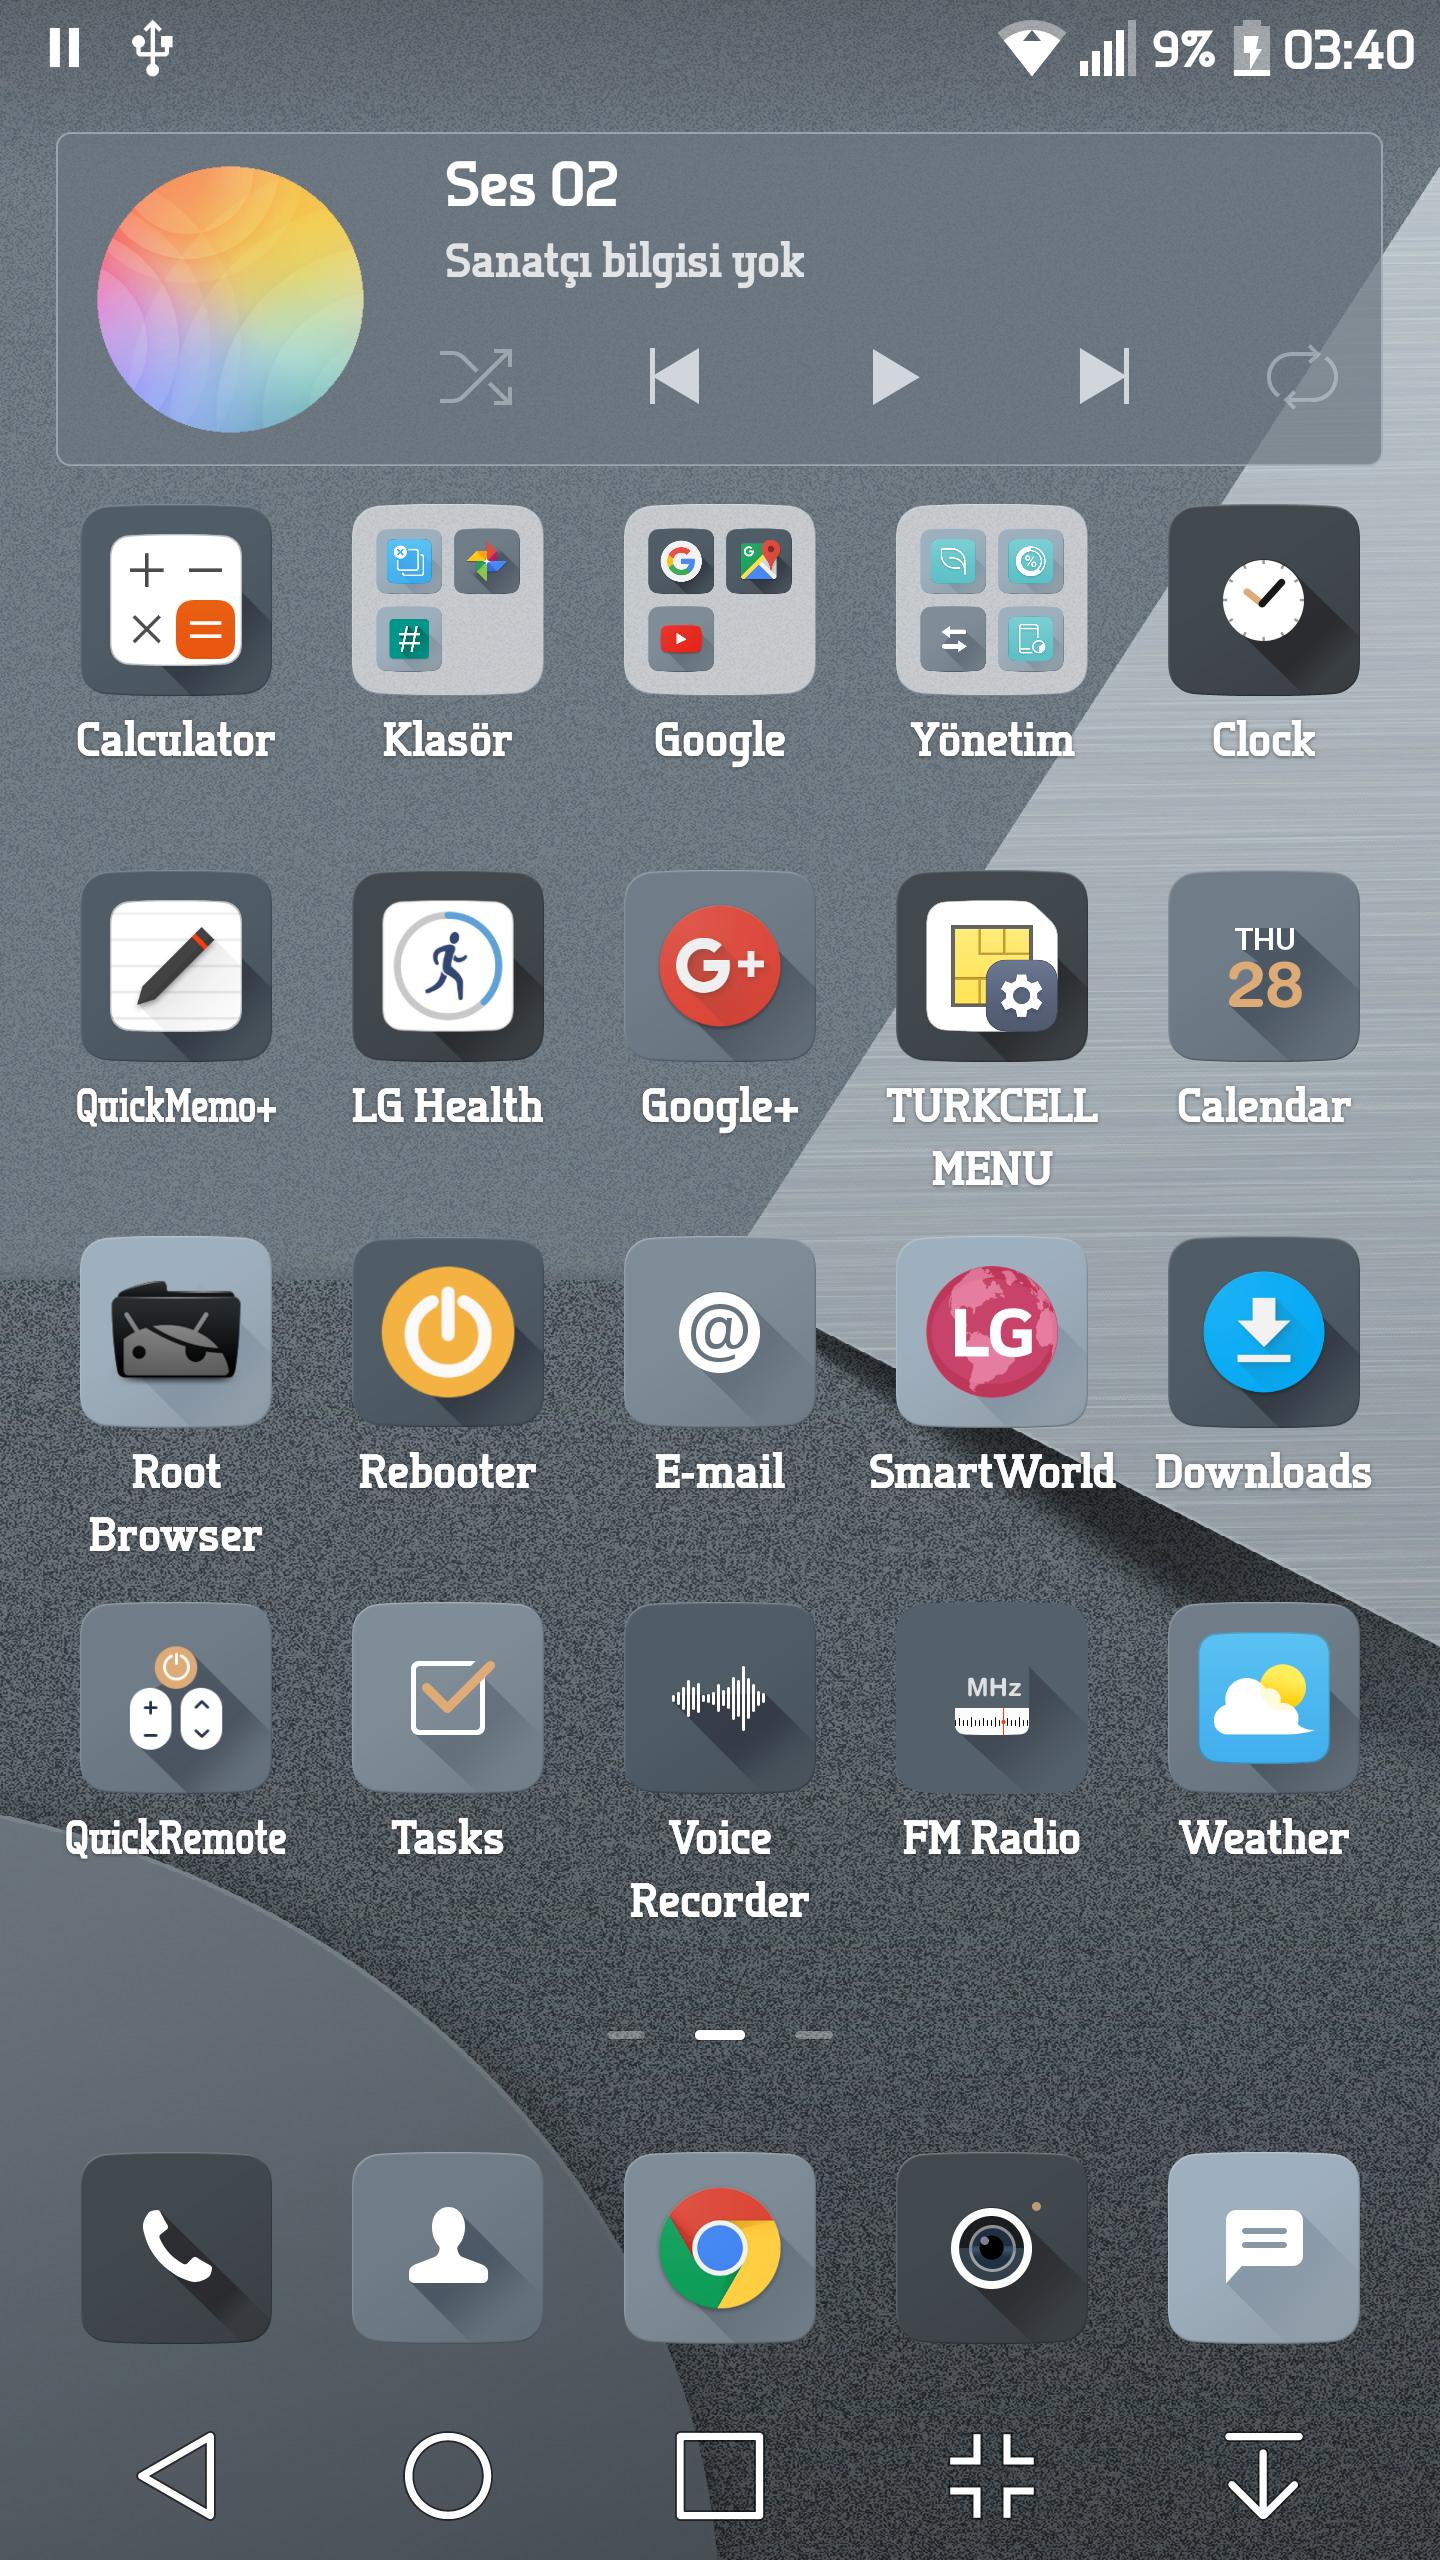 Titanium Theme For LG G6 G5 G4 V20 V10 K10 for Android - APK Download